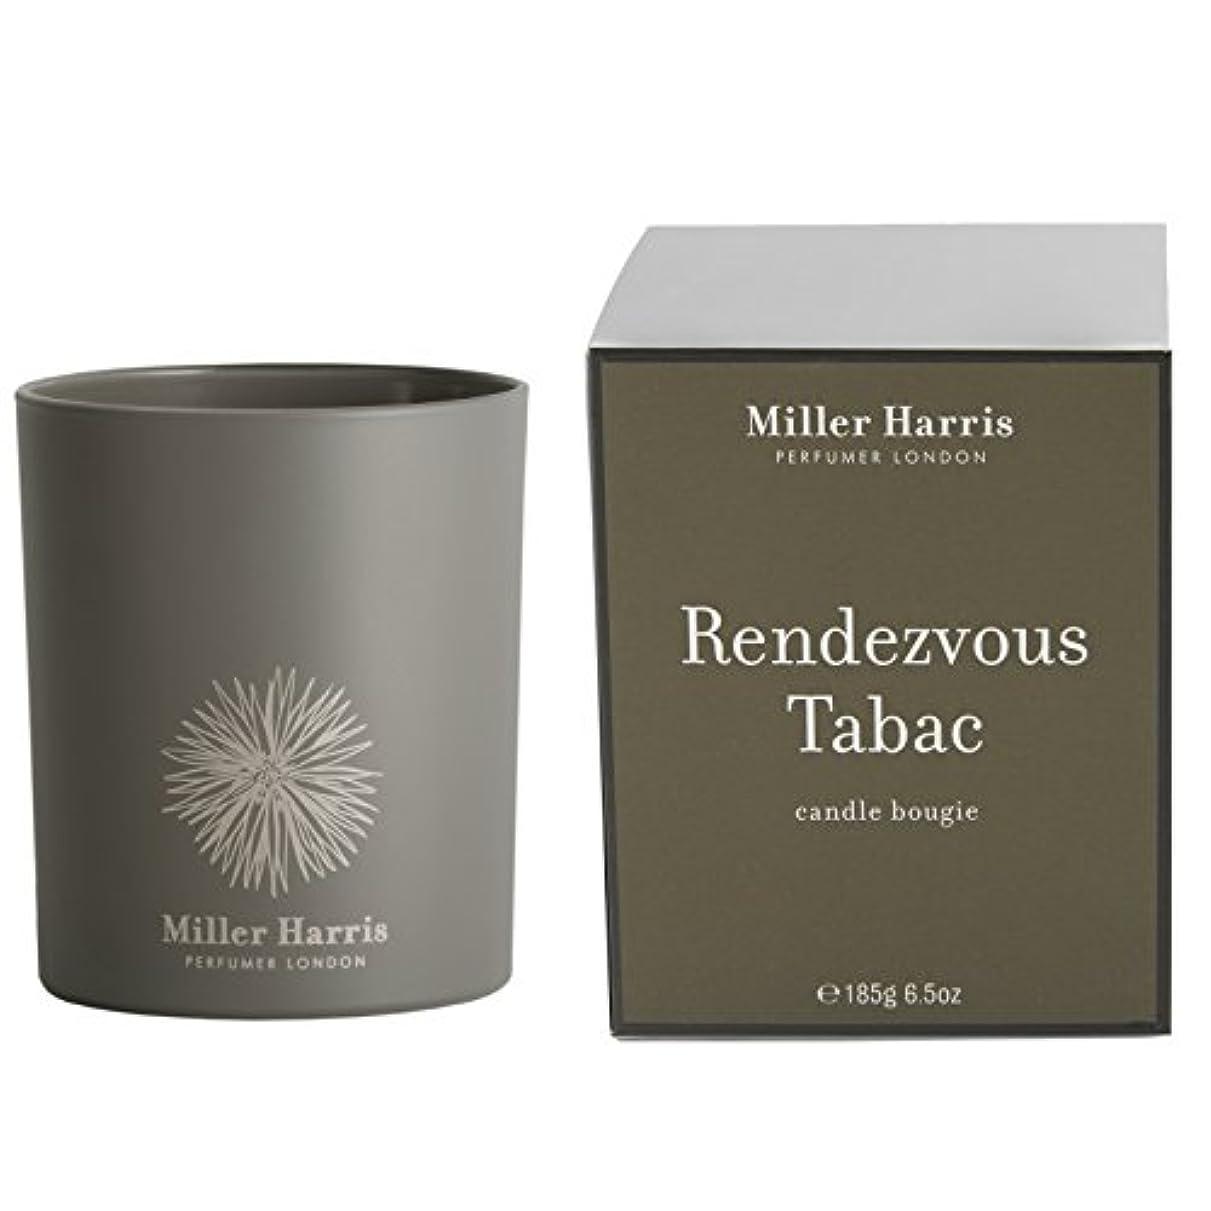 無傷軸メロンミラーハリス Candle - Rendezvous Tabac 185g/6.5oz並行輸入品